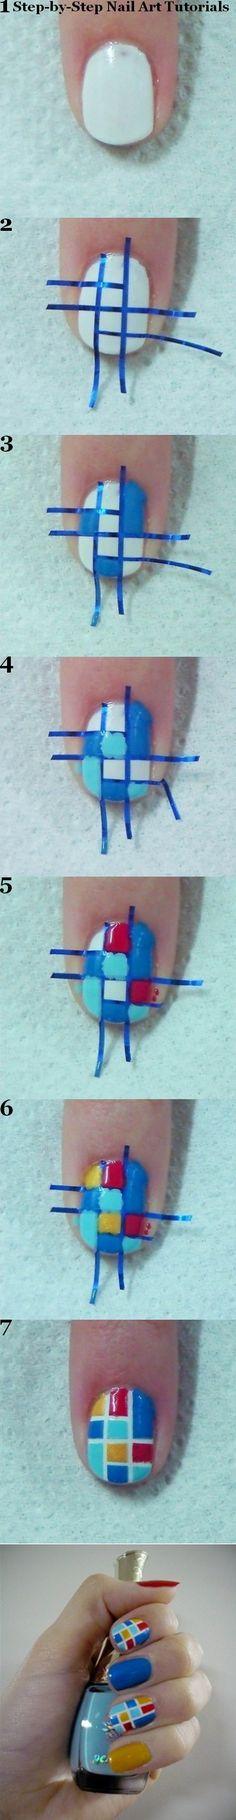 Step-by-Step nail art tutorial! So cute!